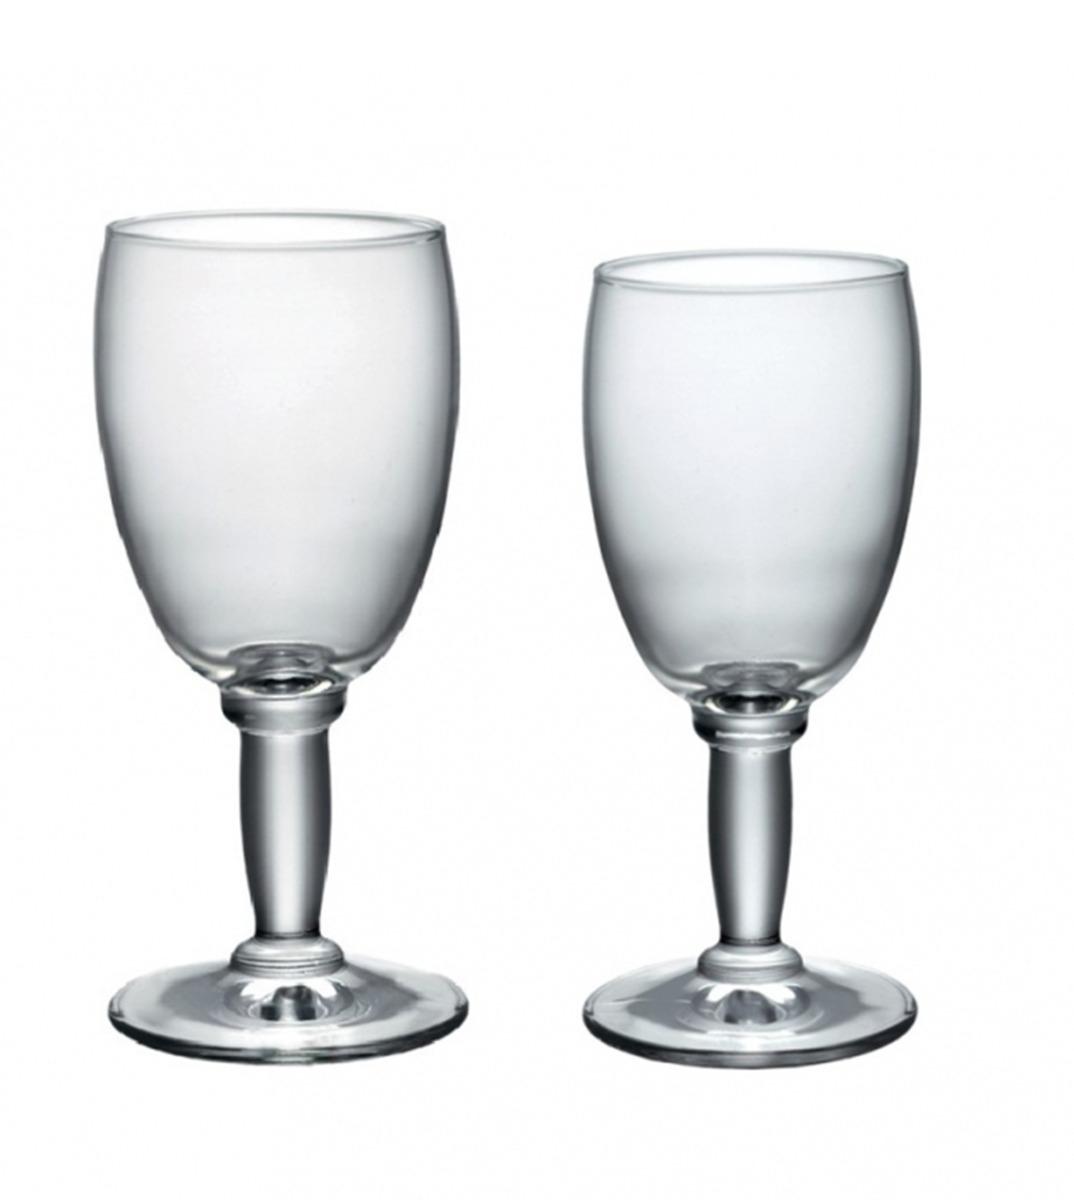 Calici Vino E Acqua set bicchieri calici onyx 12 pezzi 26cl 20cl acqua vino vetro bormioli  rocco giosal